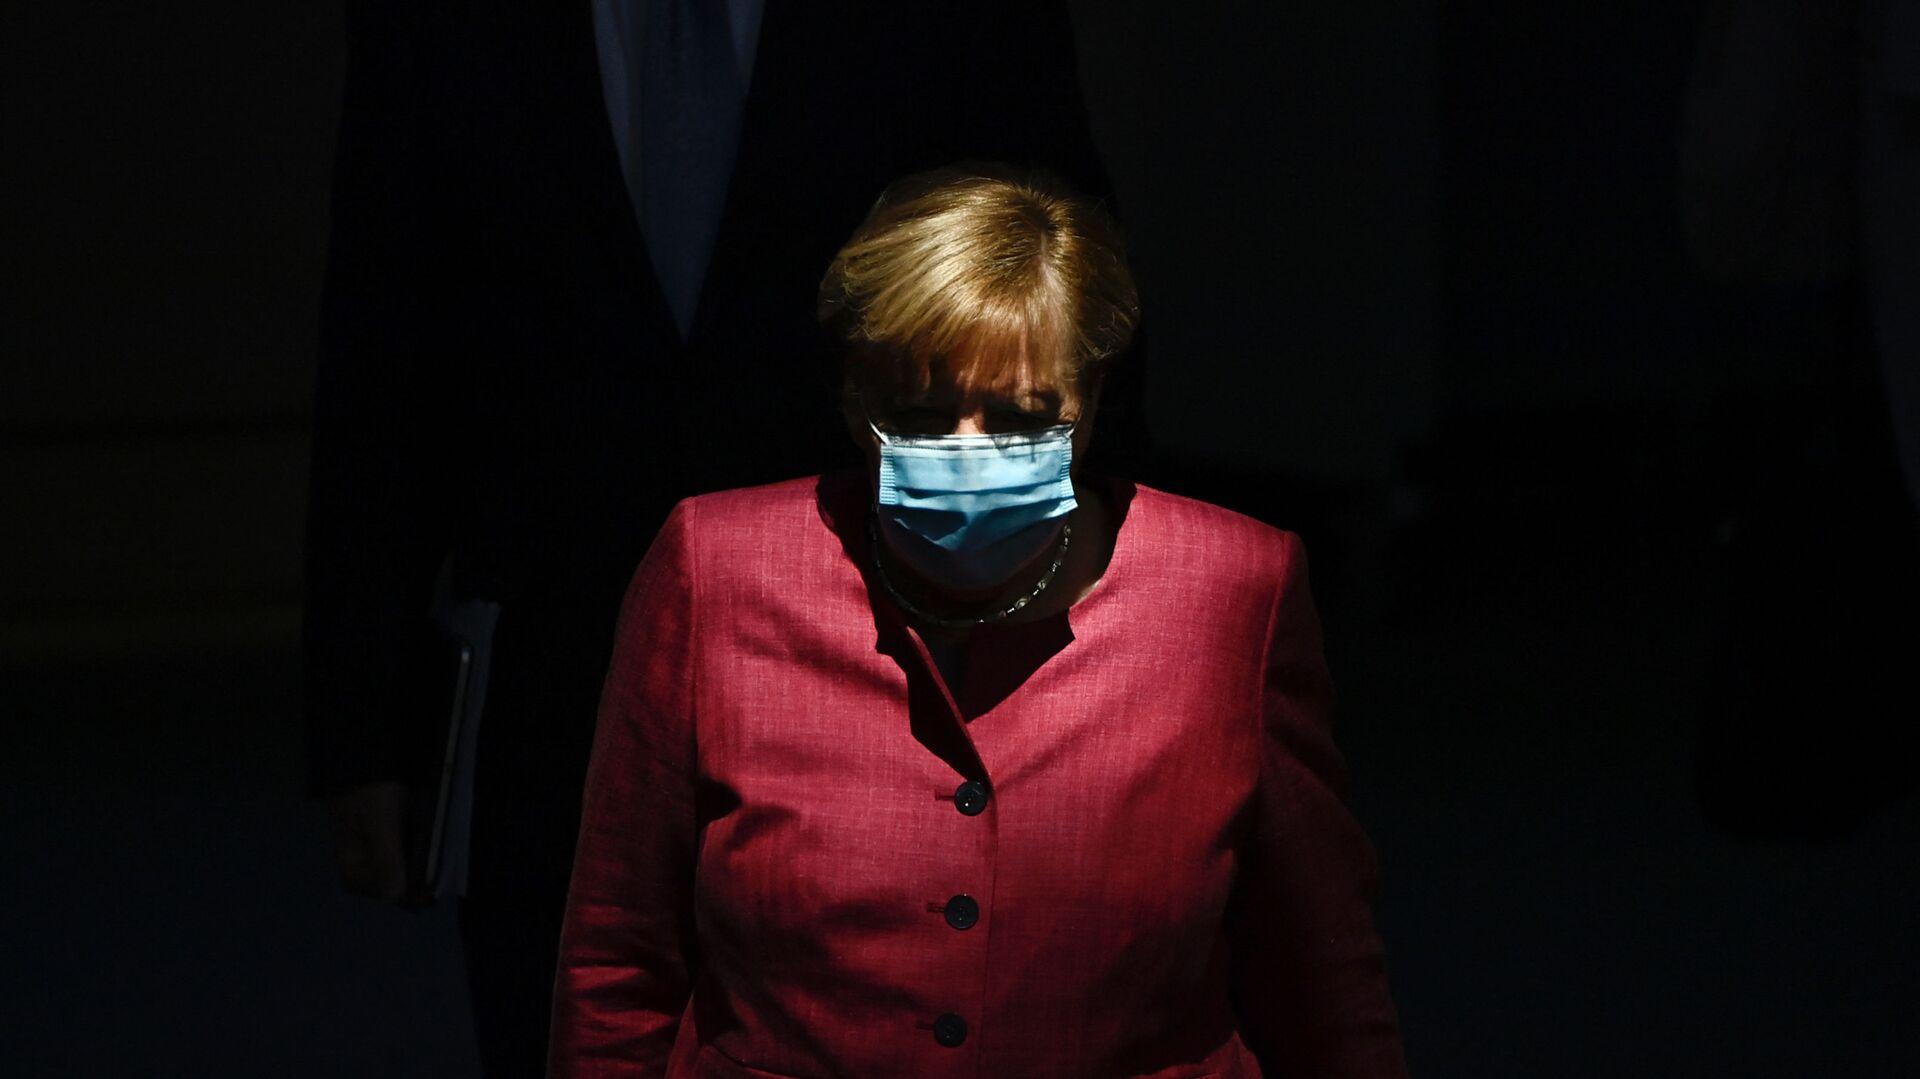 Německá kancléřka Angela Merkelová - Sputnik Česká republika, 1920, 17.05.2021